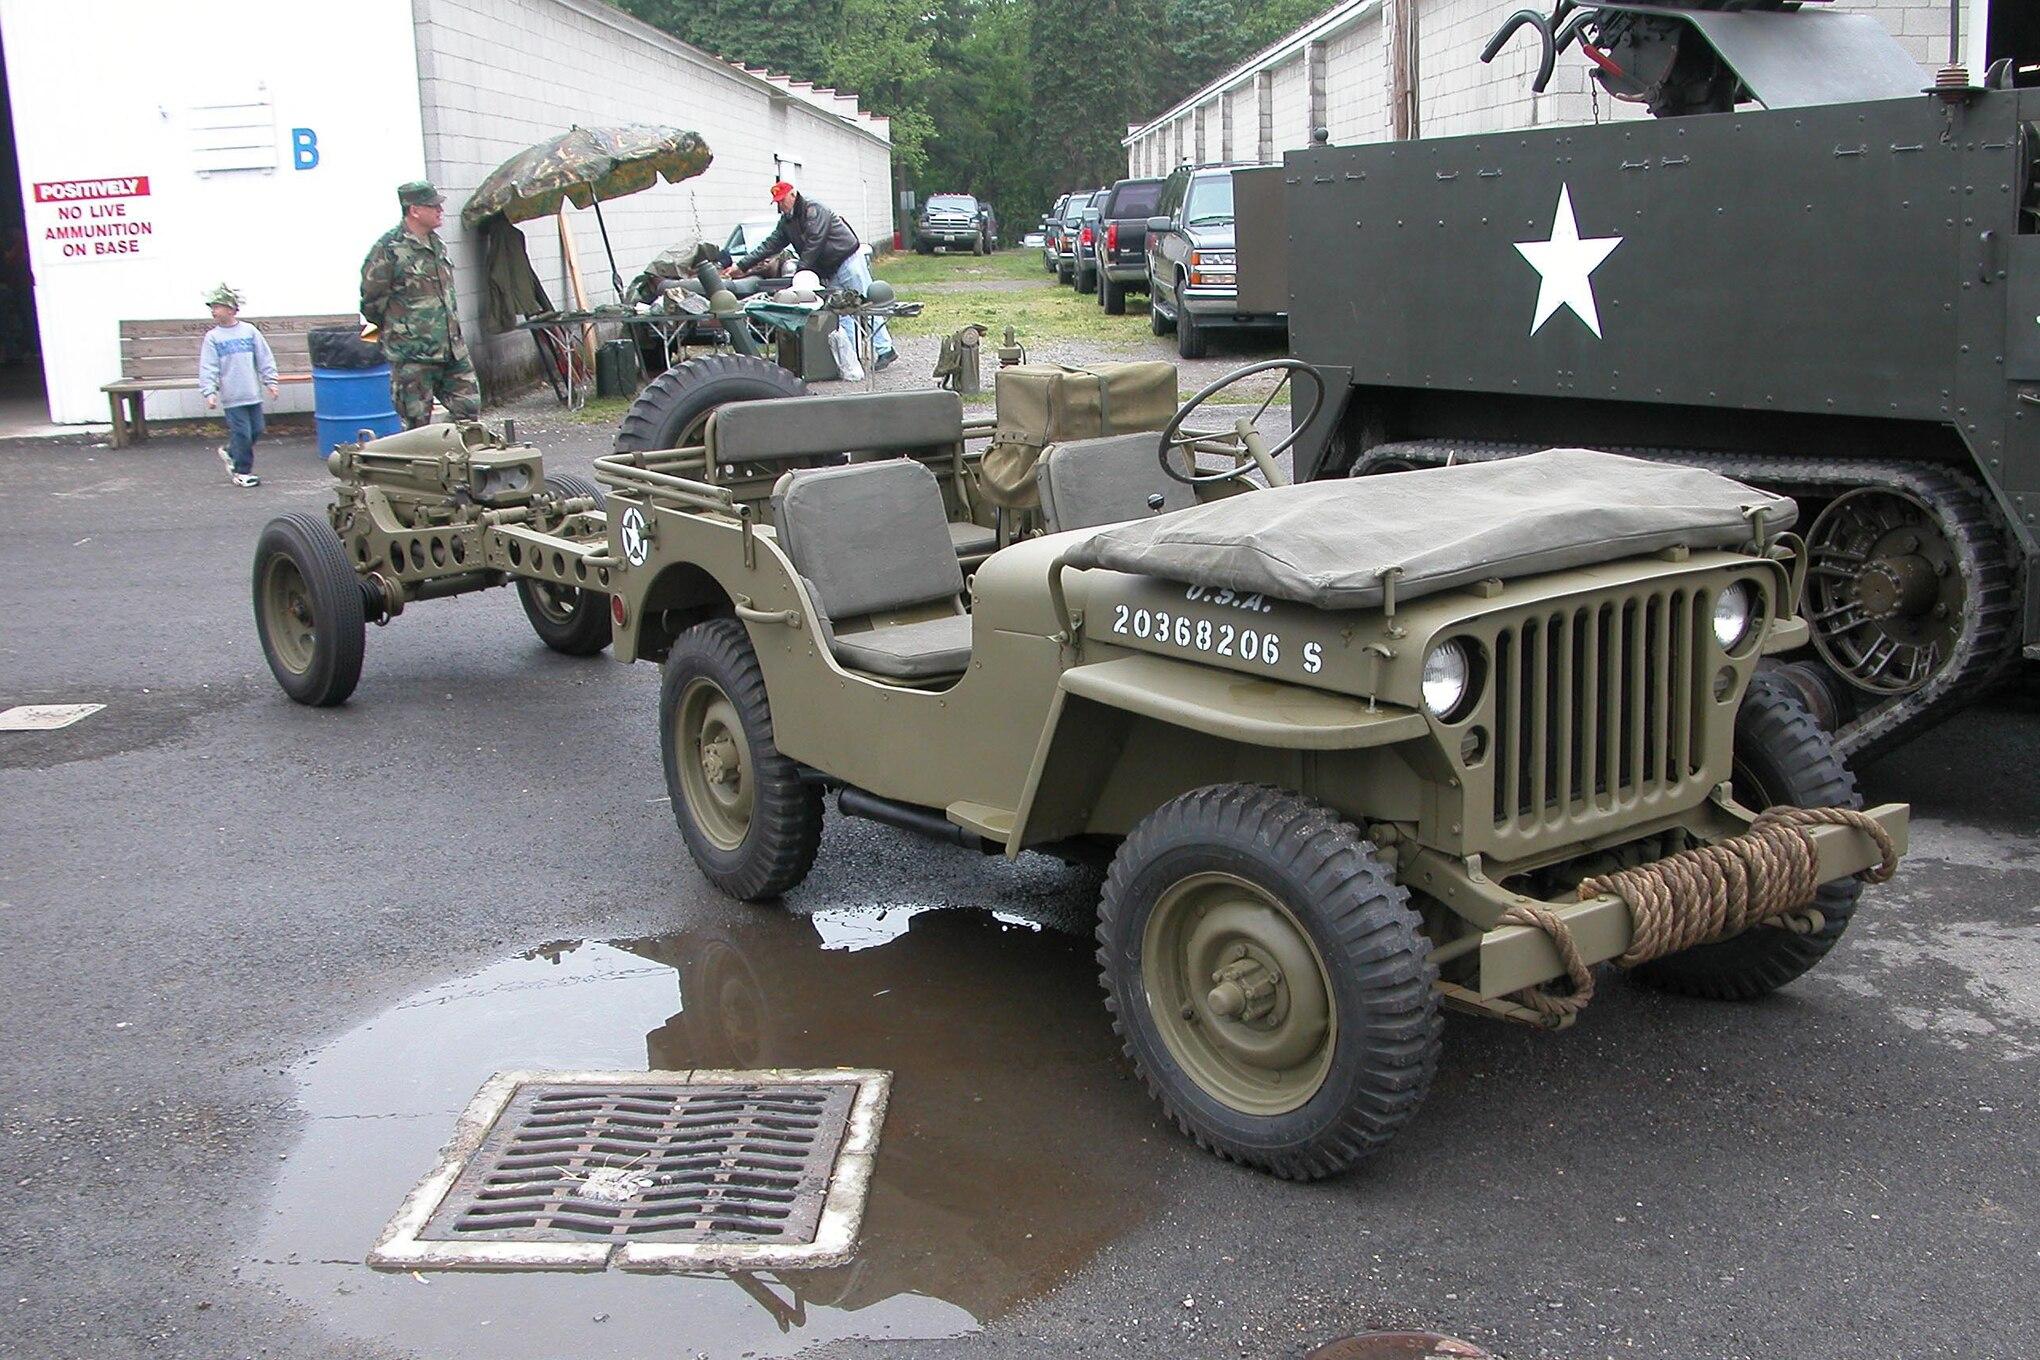 013 GPW M2 howitzer